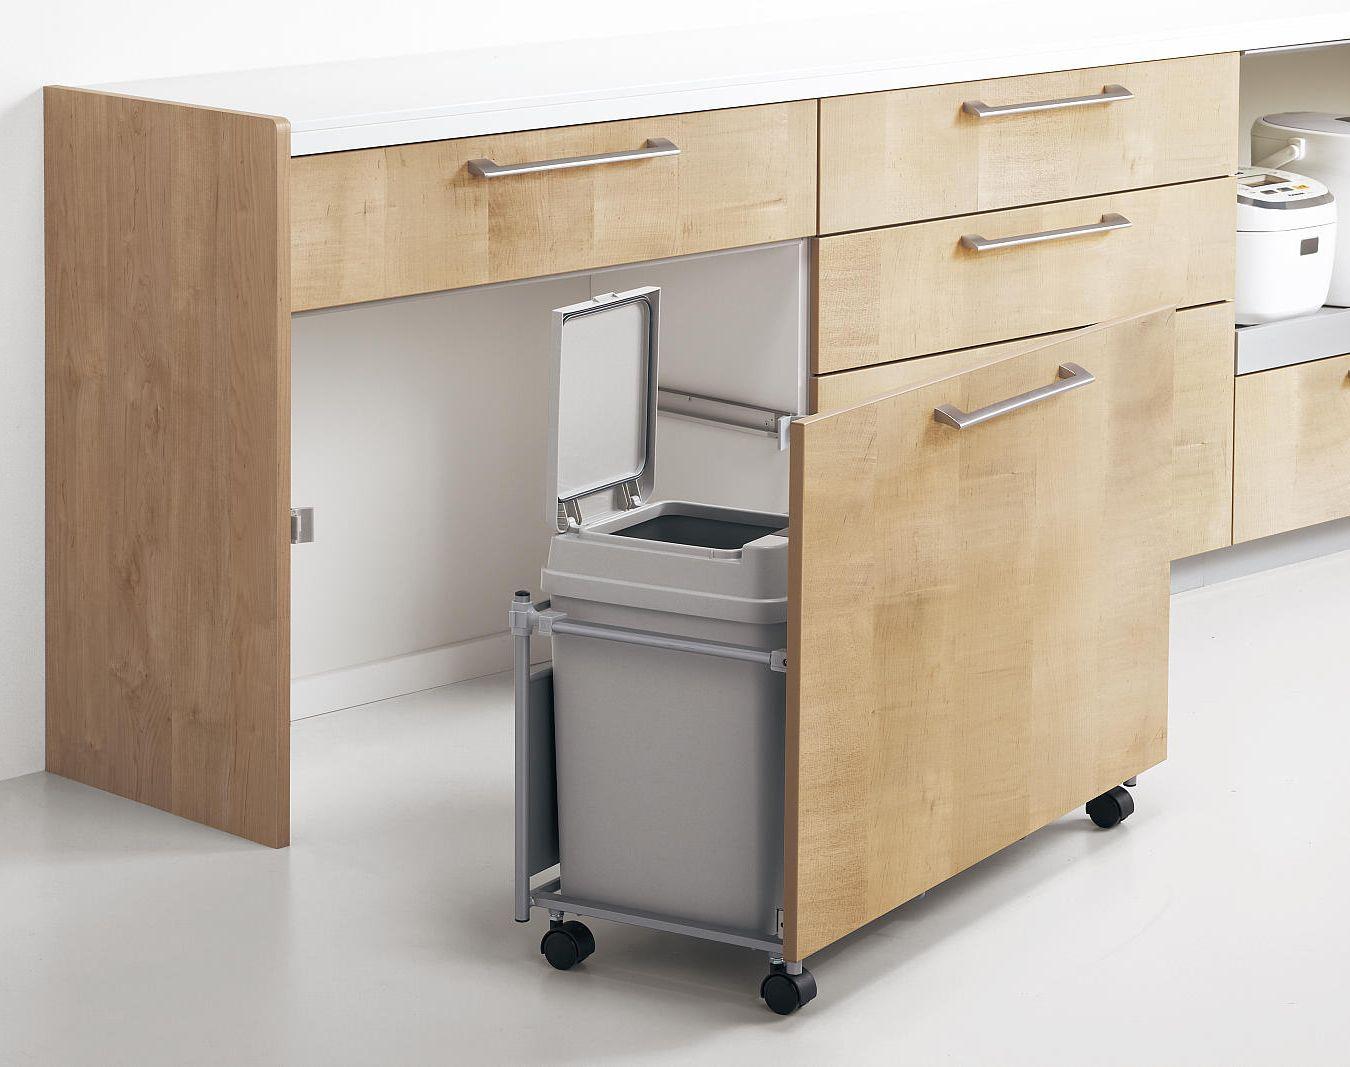 収納 ゴミ箱収納付き食器棚 As Well As 収納s 収納 ゴミ箱収納付き